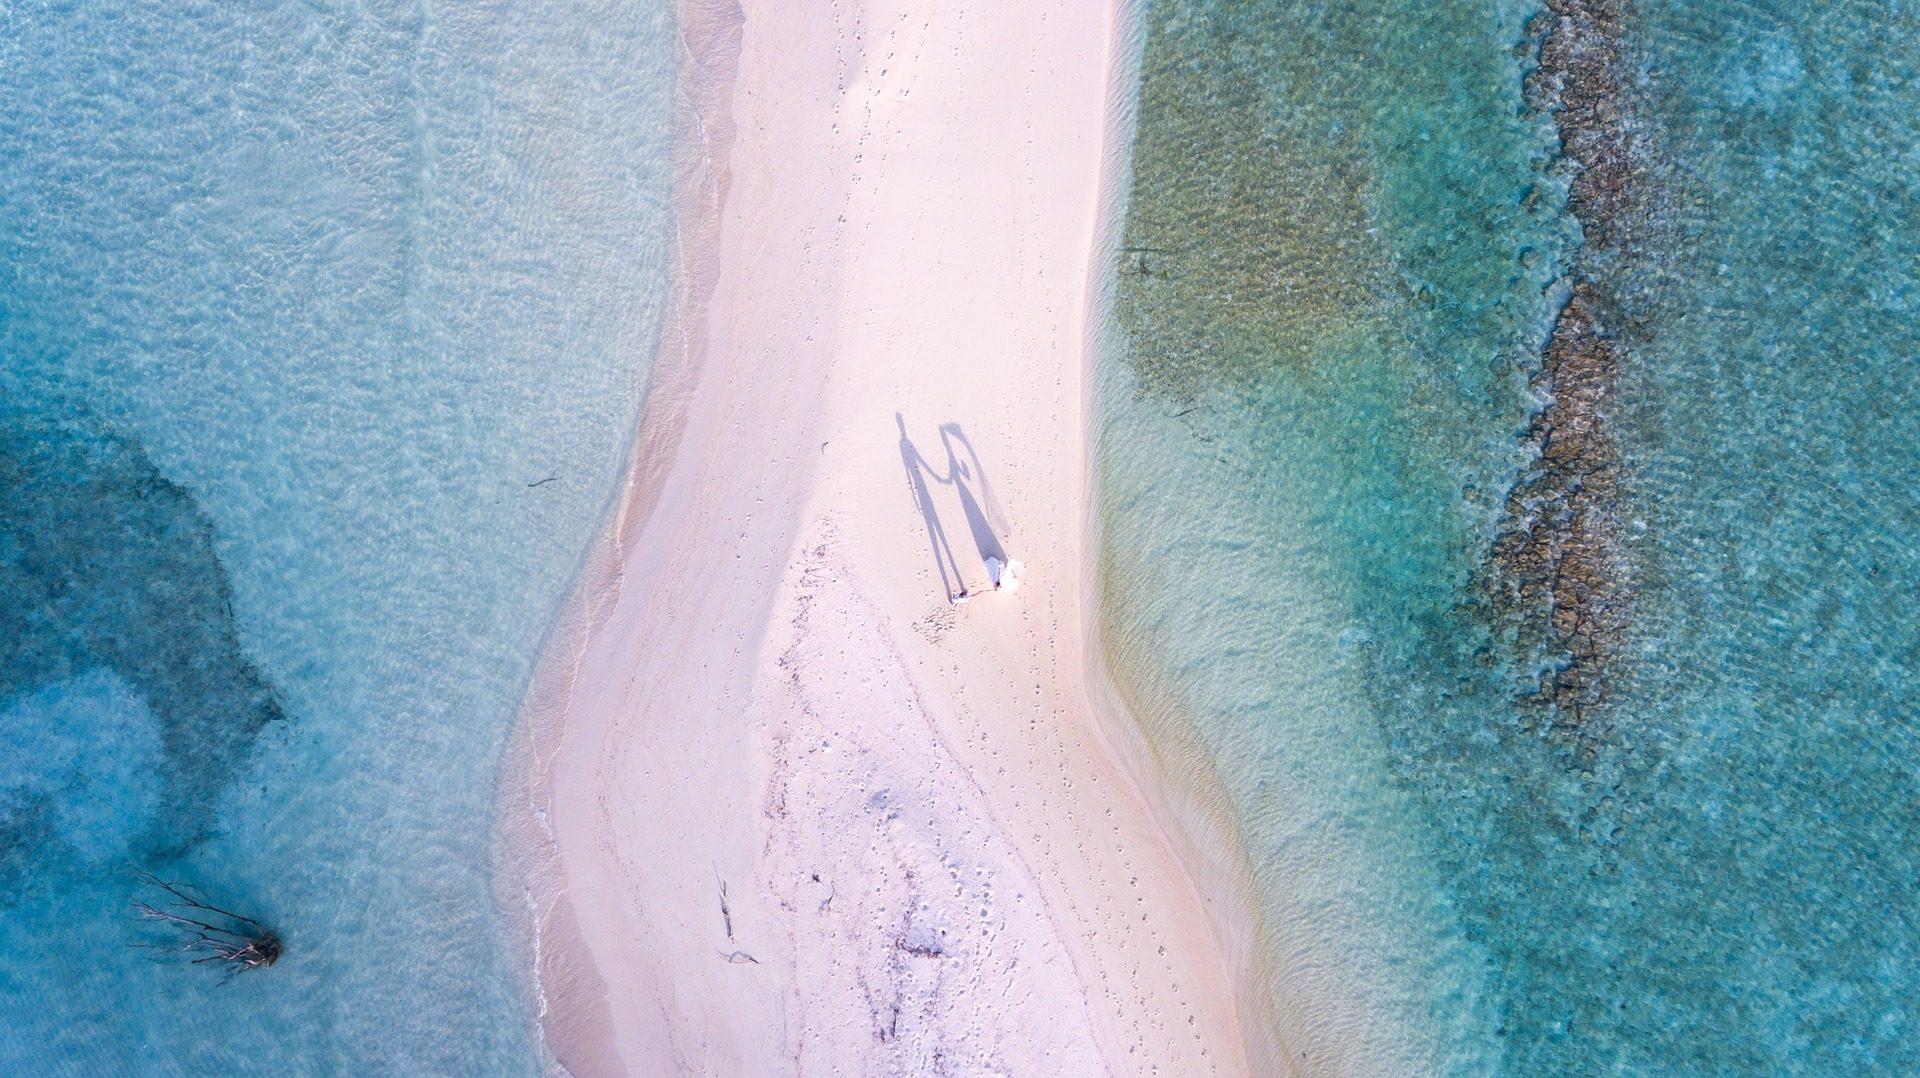 Spiaggia, acqua, Turchese, sabbia, coppia, Sposa e sposo - Sfondi HD - Professor-falken.com